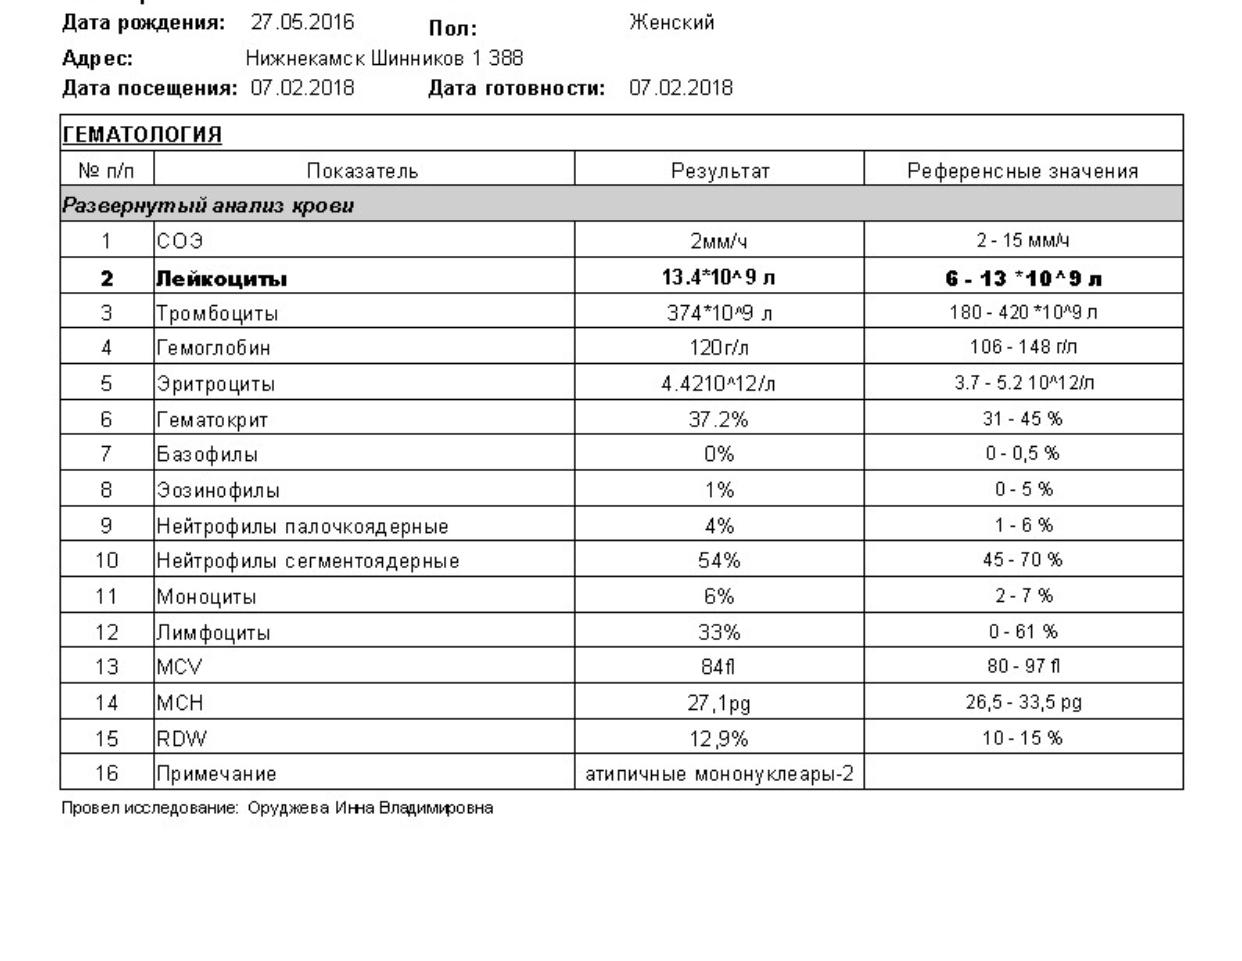 Крови мононуклеары анализы на анализ крови антифосфолипидные такое антитела что